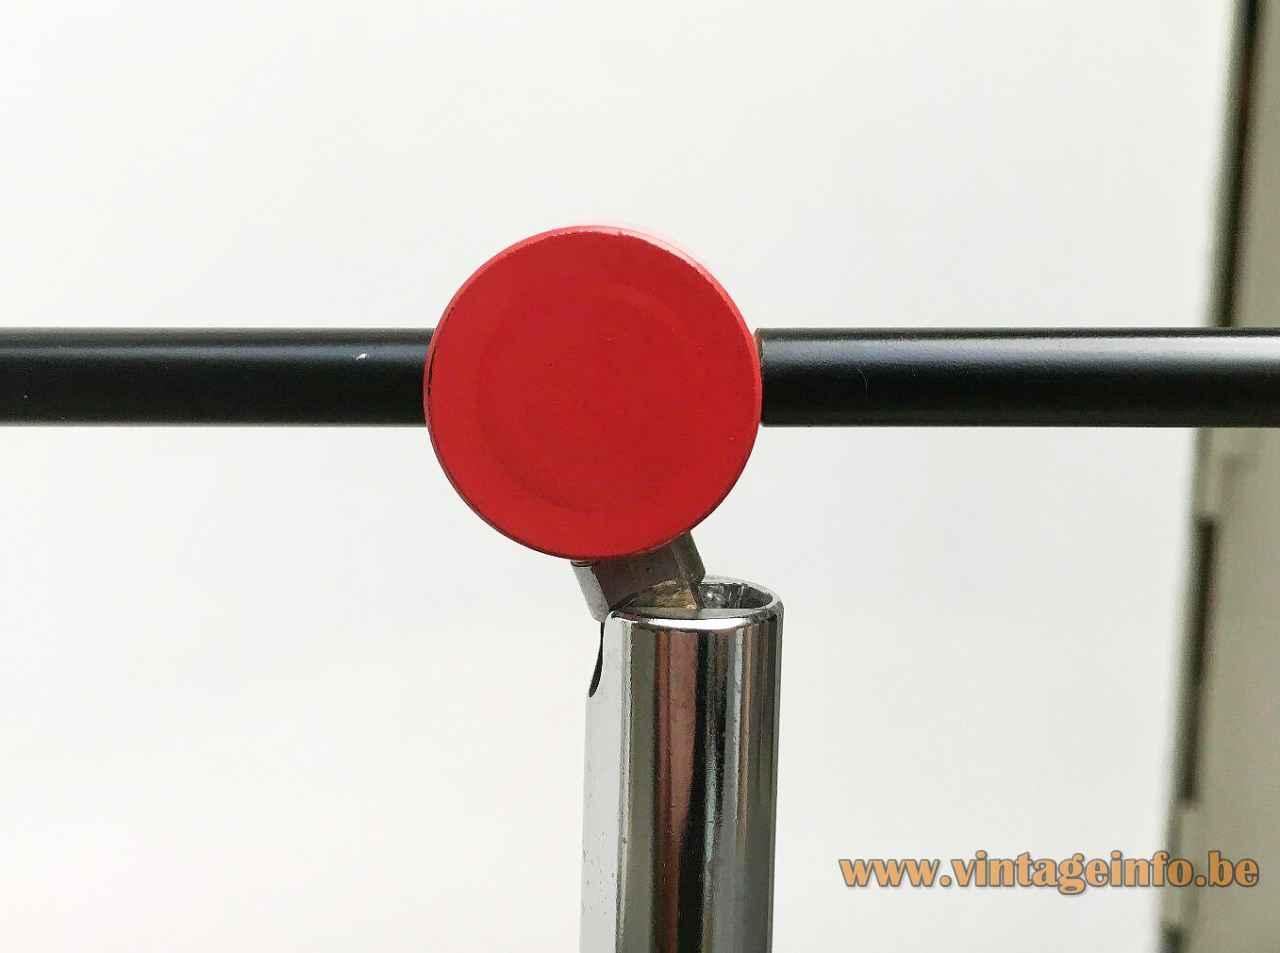 Honsel Leuchten 1980s floor lamp red metal disc chrome joint black rod Memphis Milan style Germany